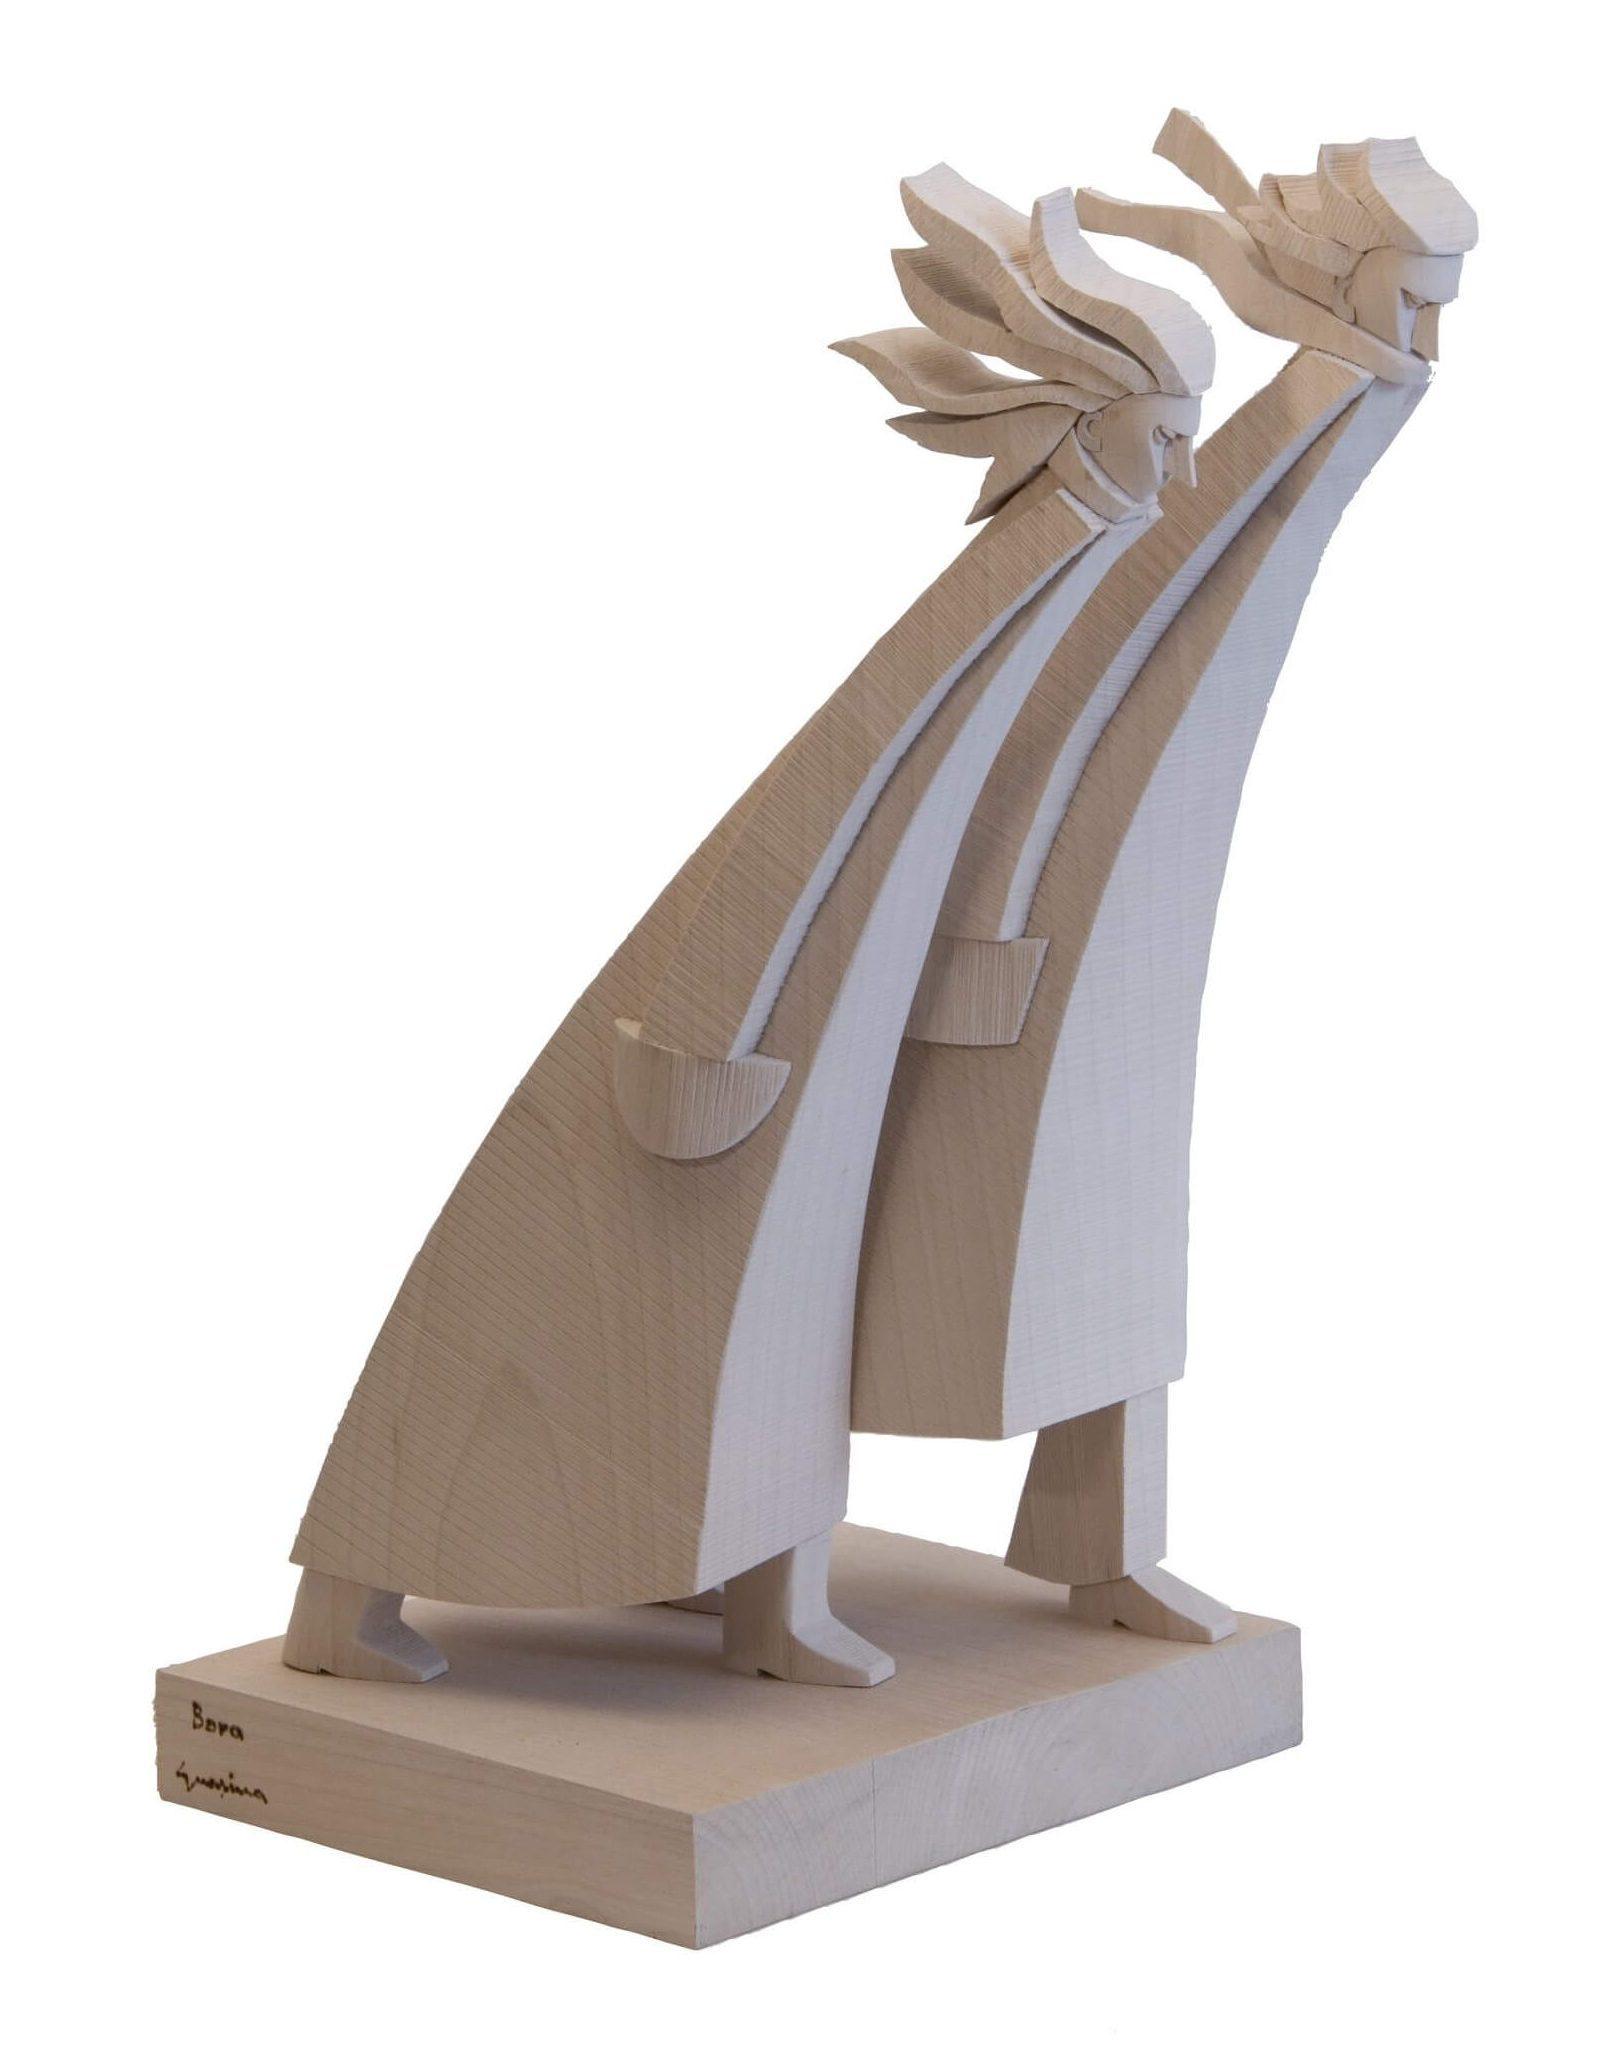 Scultura Guasina in legno - Soggetto: La bora